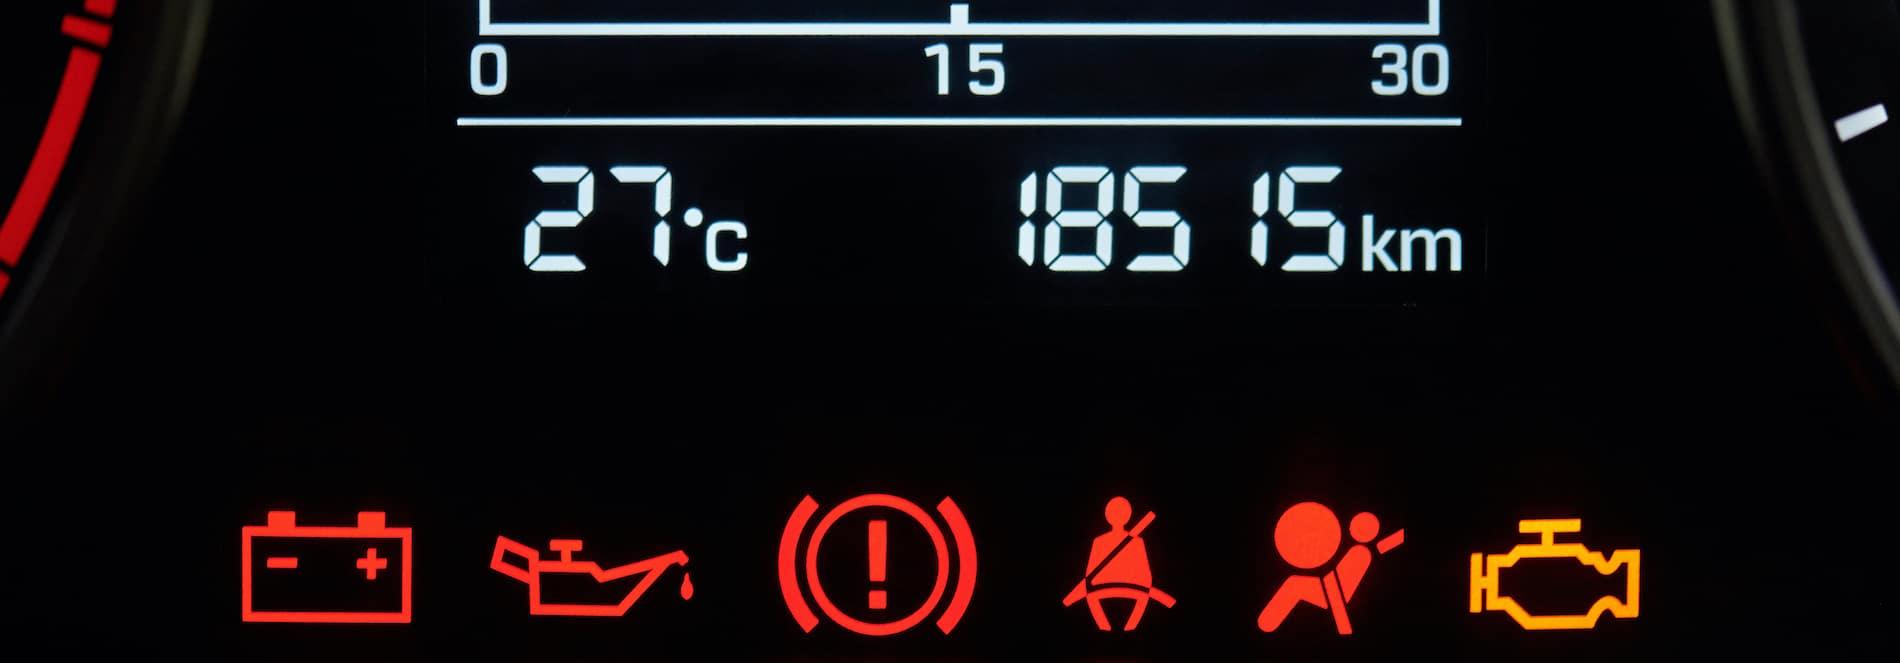 Toyota Corolla Dashboard Lights